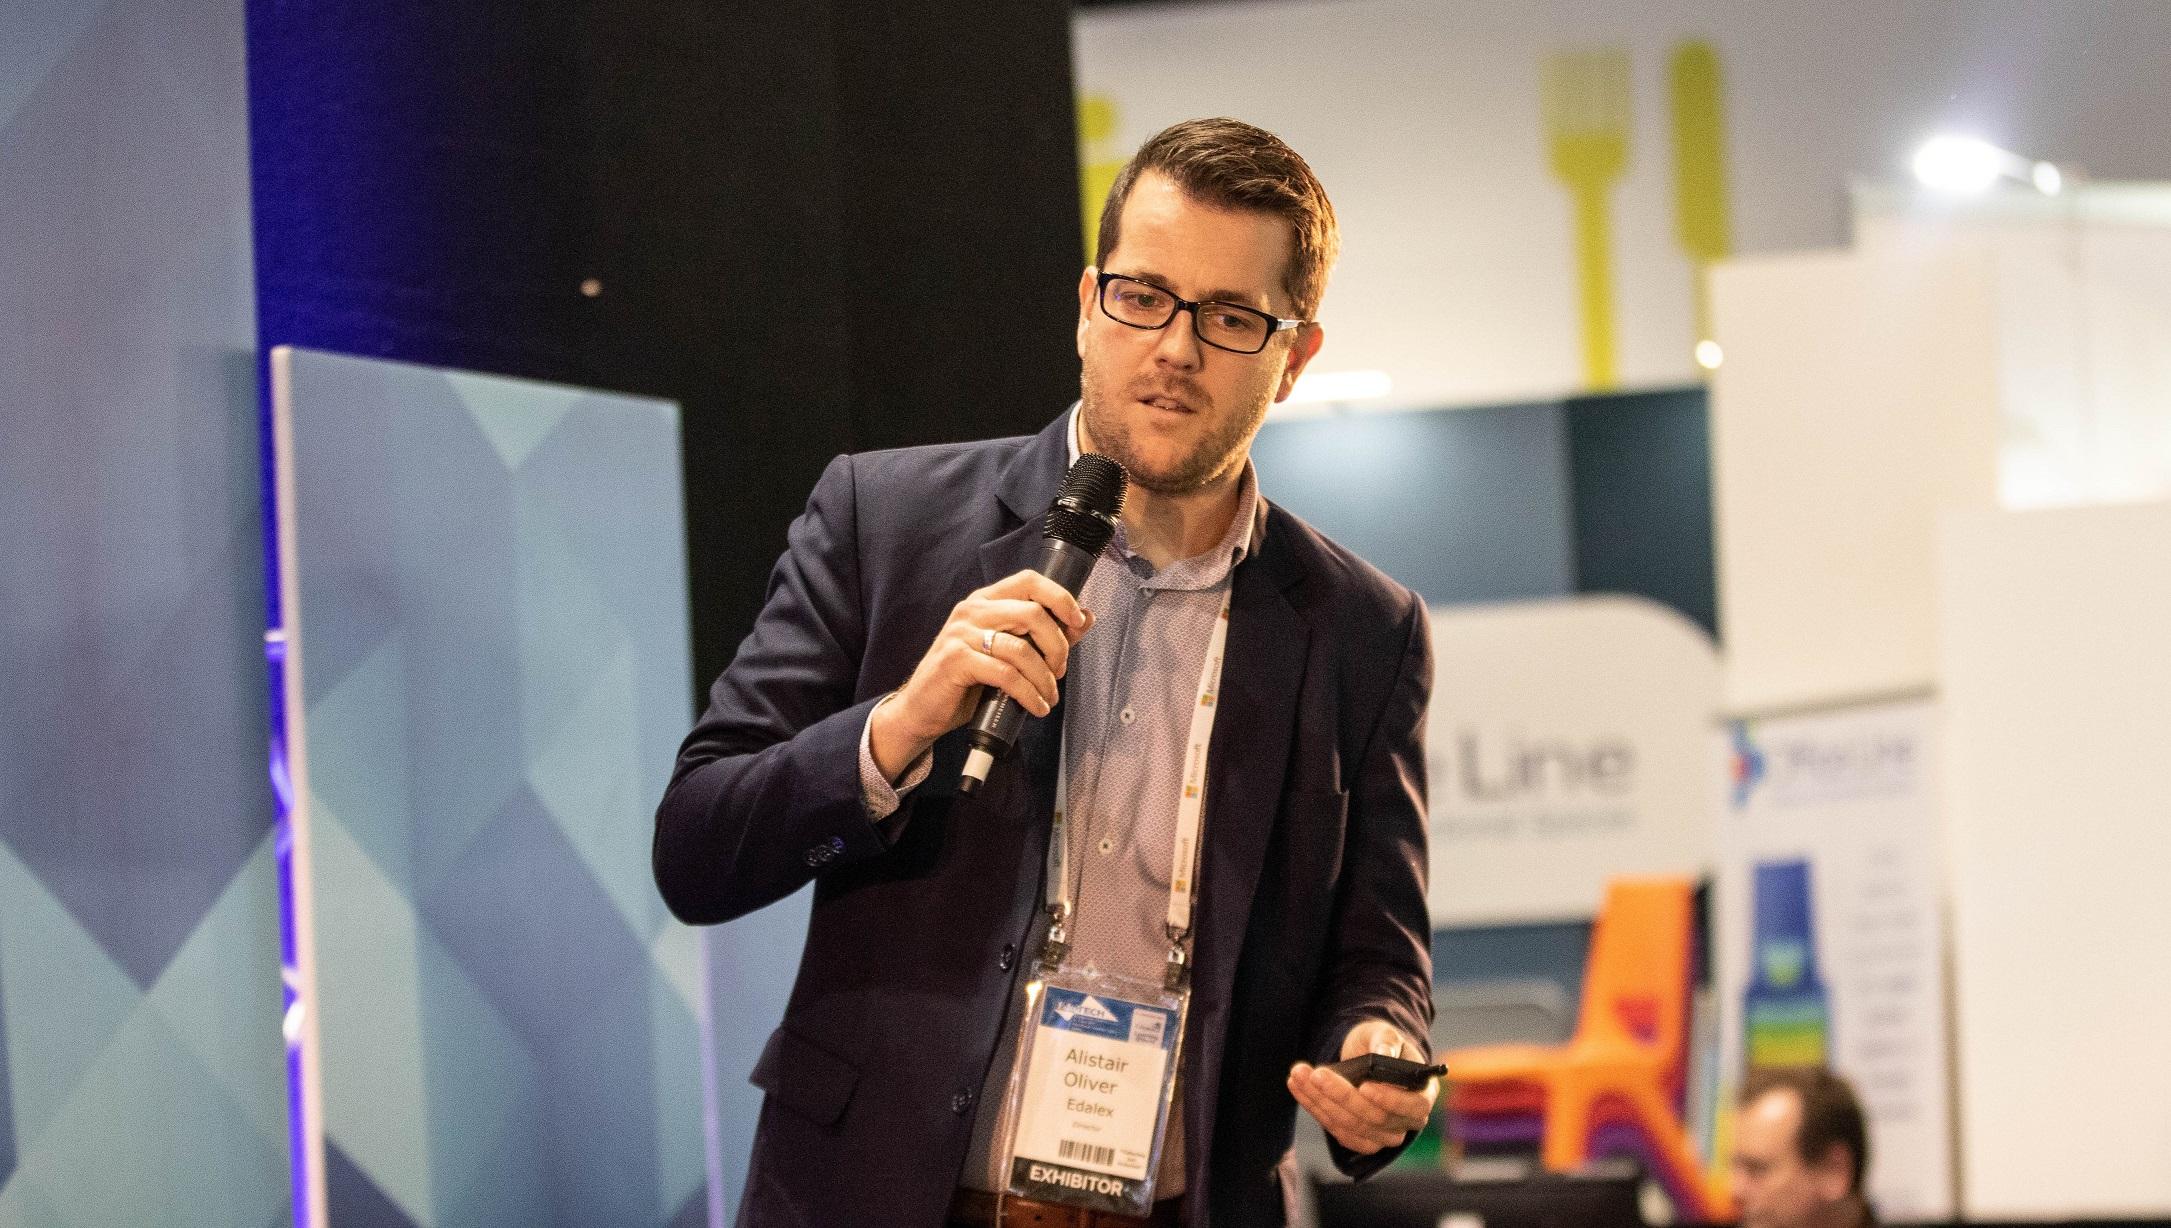 EdTech Entrepreneur at Education Technology Expo - Australia - EduGrowth